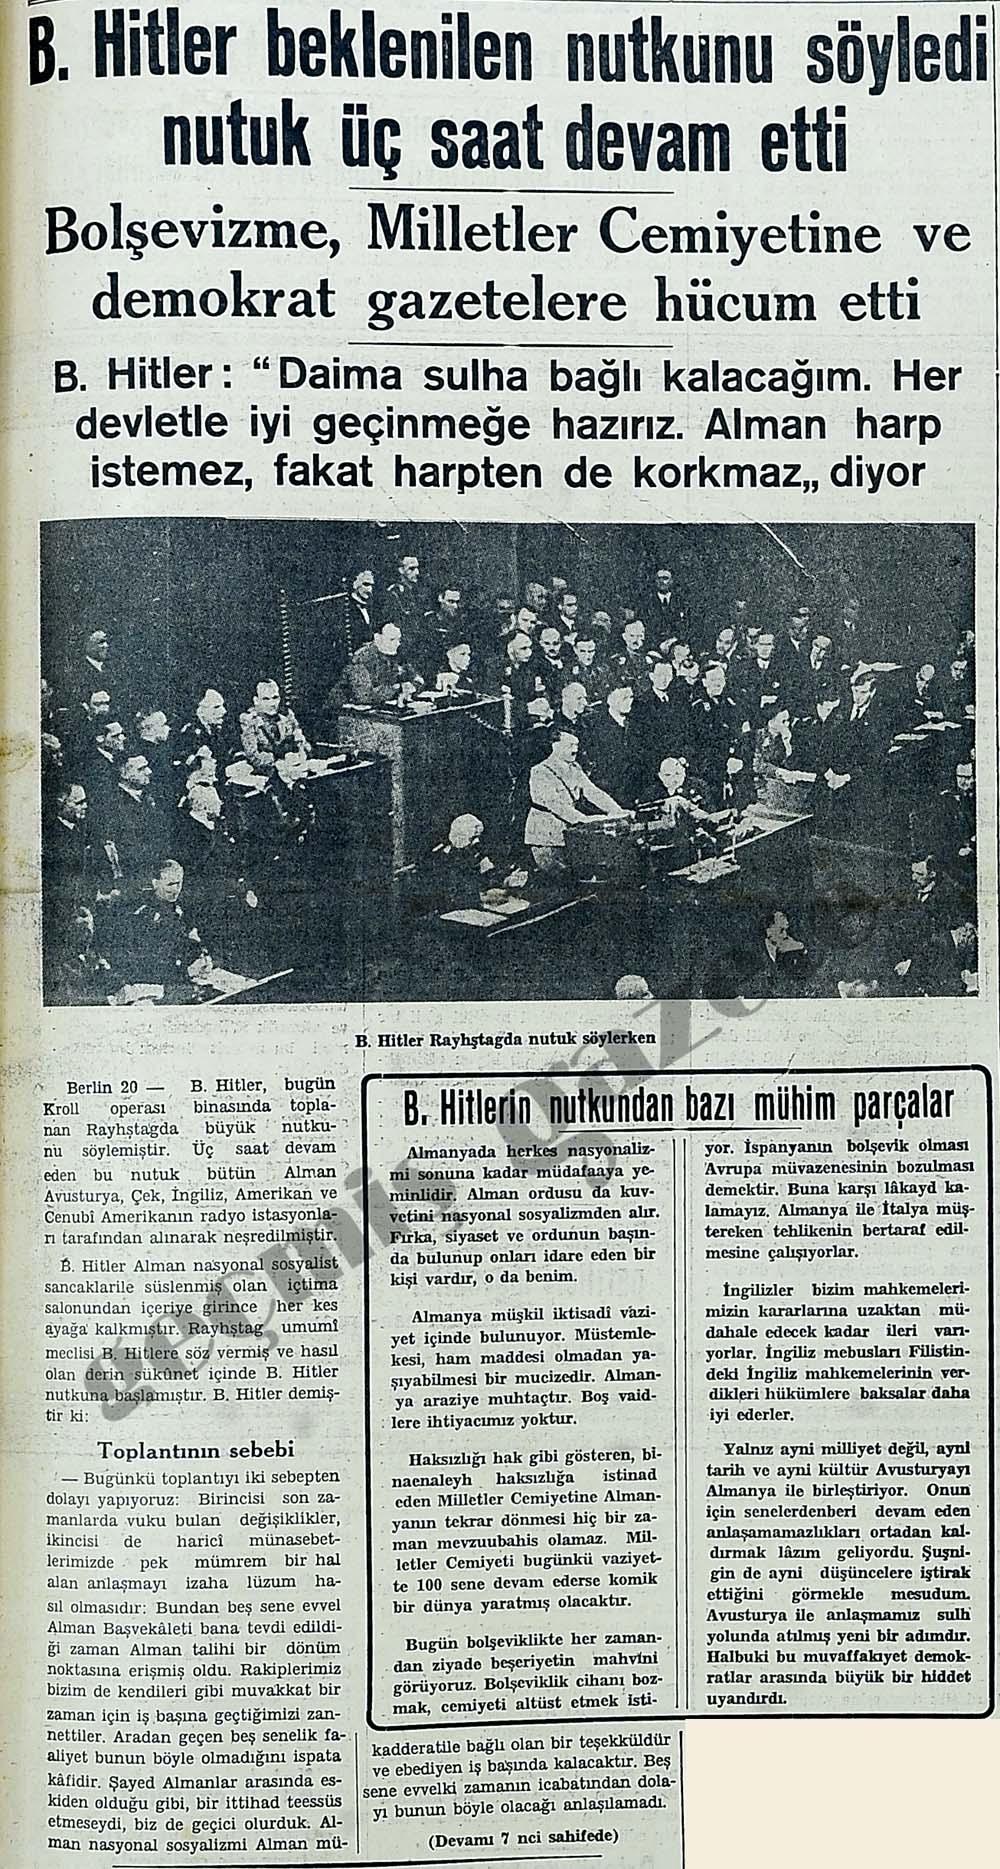 B.Hitler beklenilen nutkunu söyledi